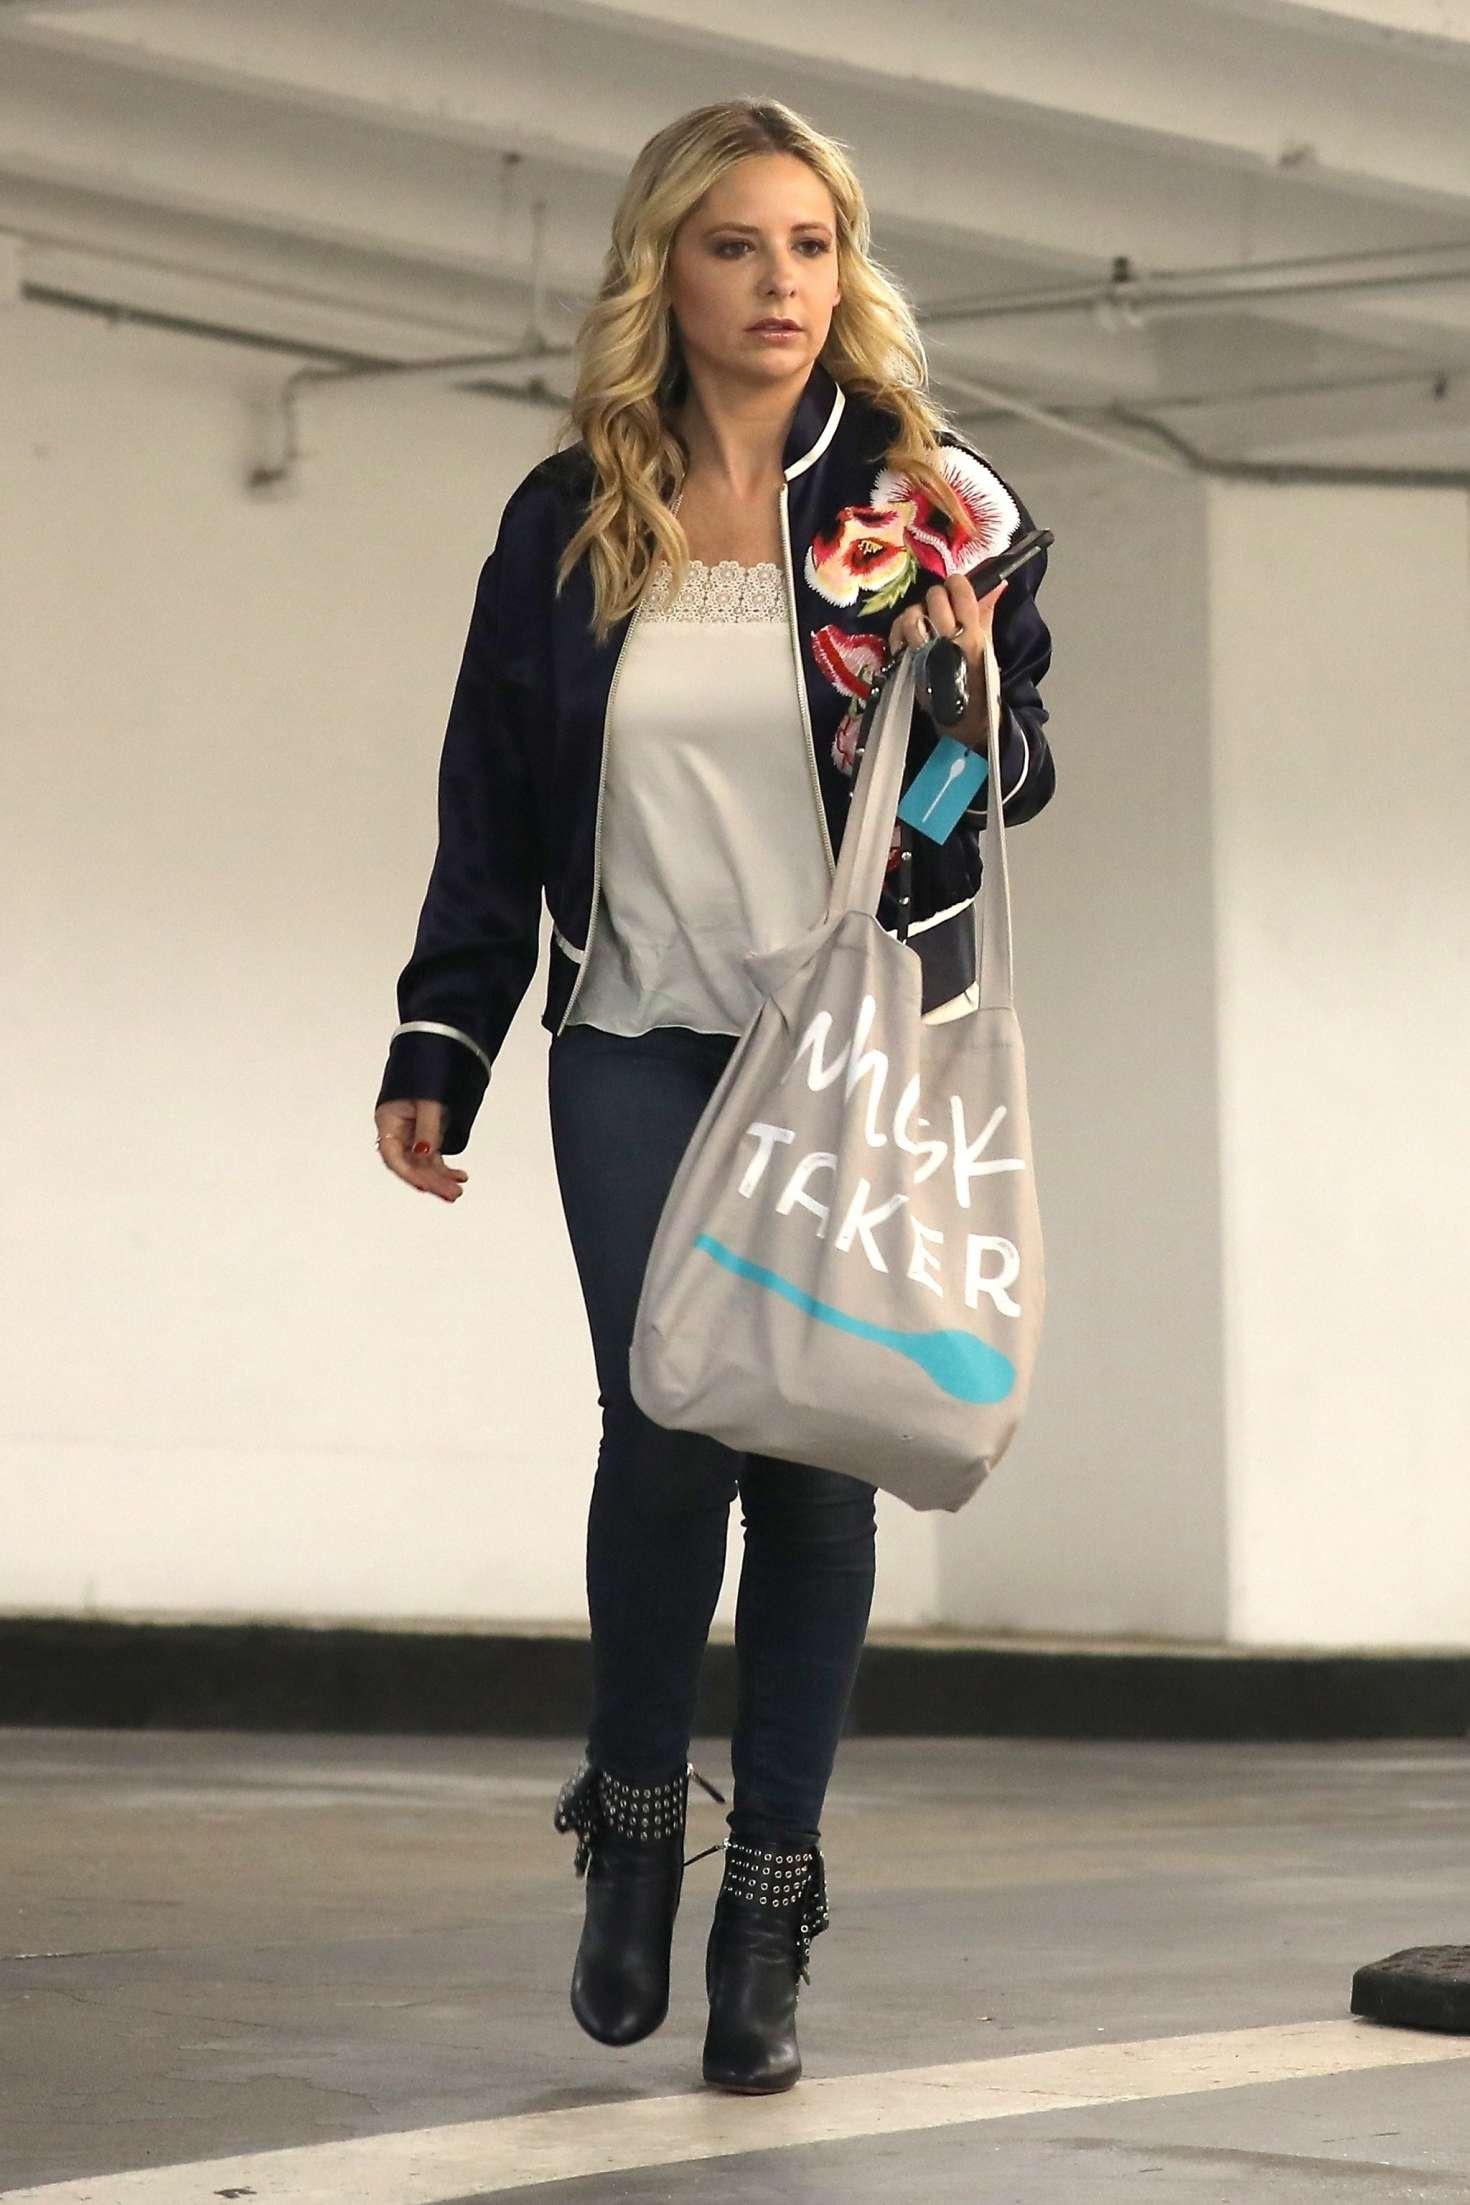 Sarah Michelle Gellar 2018 : Sarah Michelle Gellar: Out in Beverly Hills -10